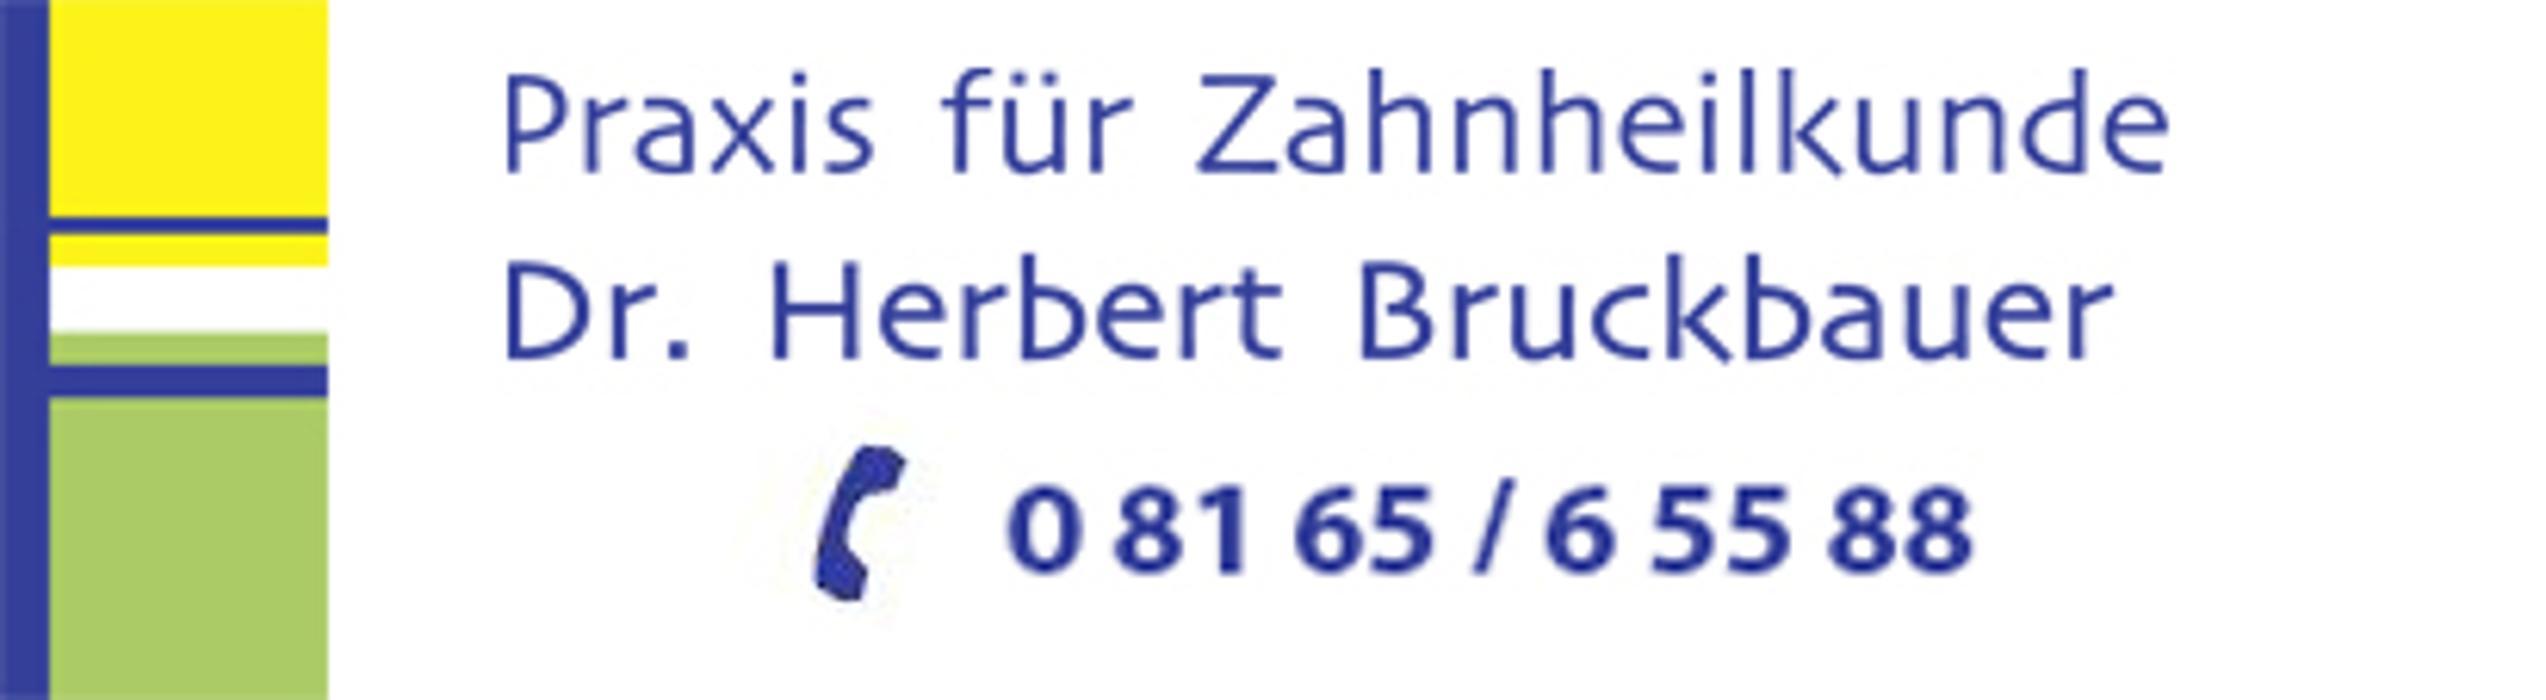 Bild zu Dr. Herbert Bruckbauer in Neufahrn bei Freising